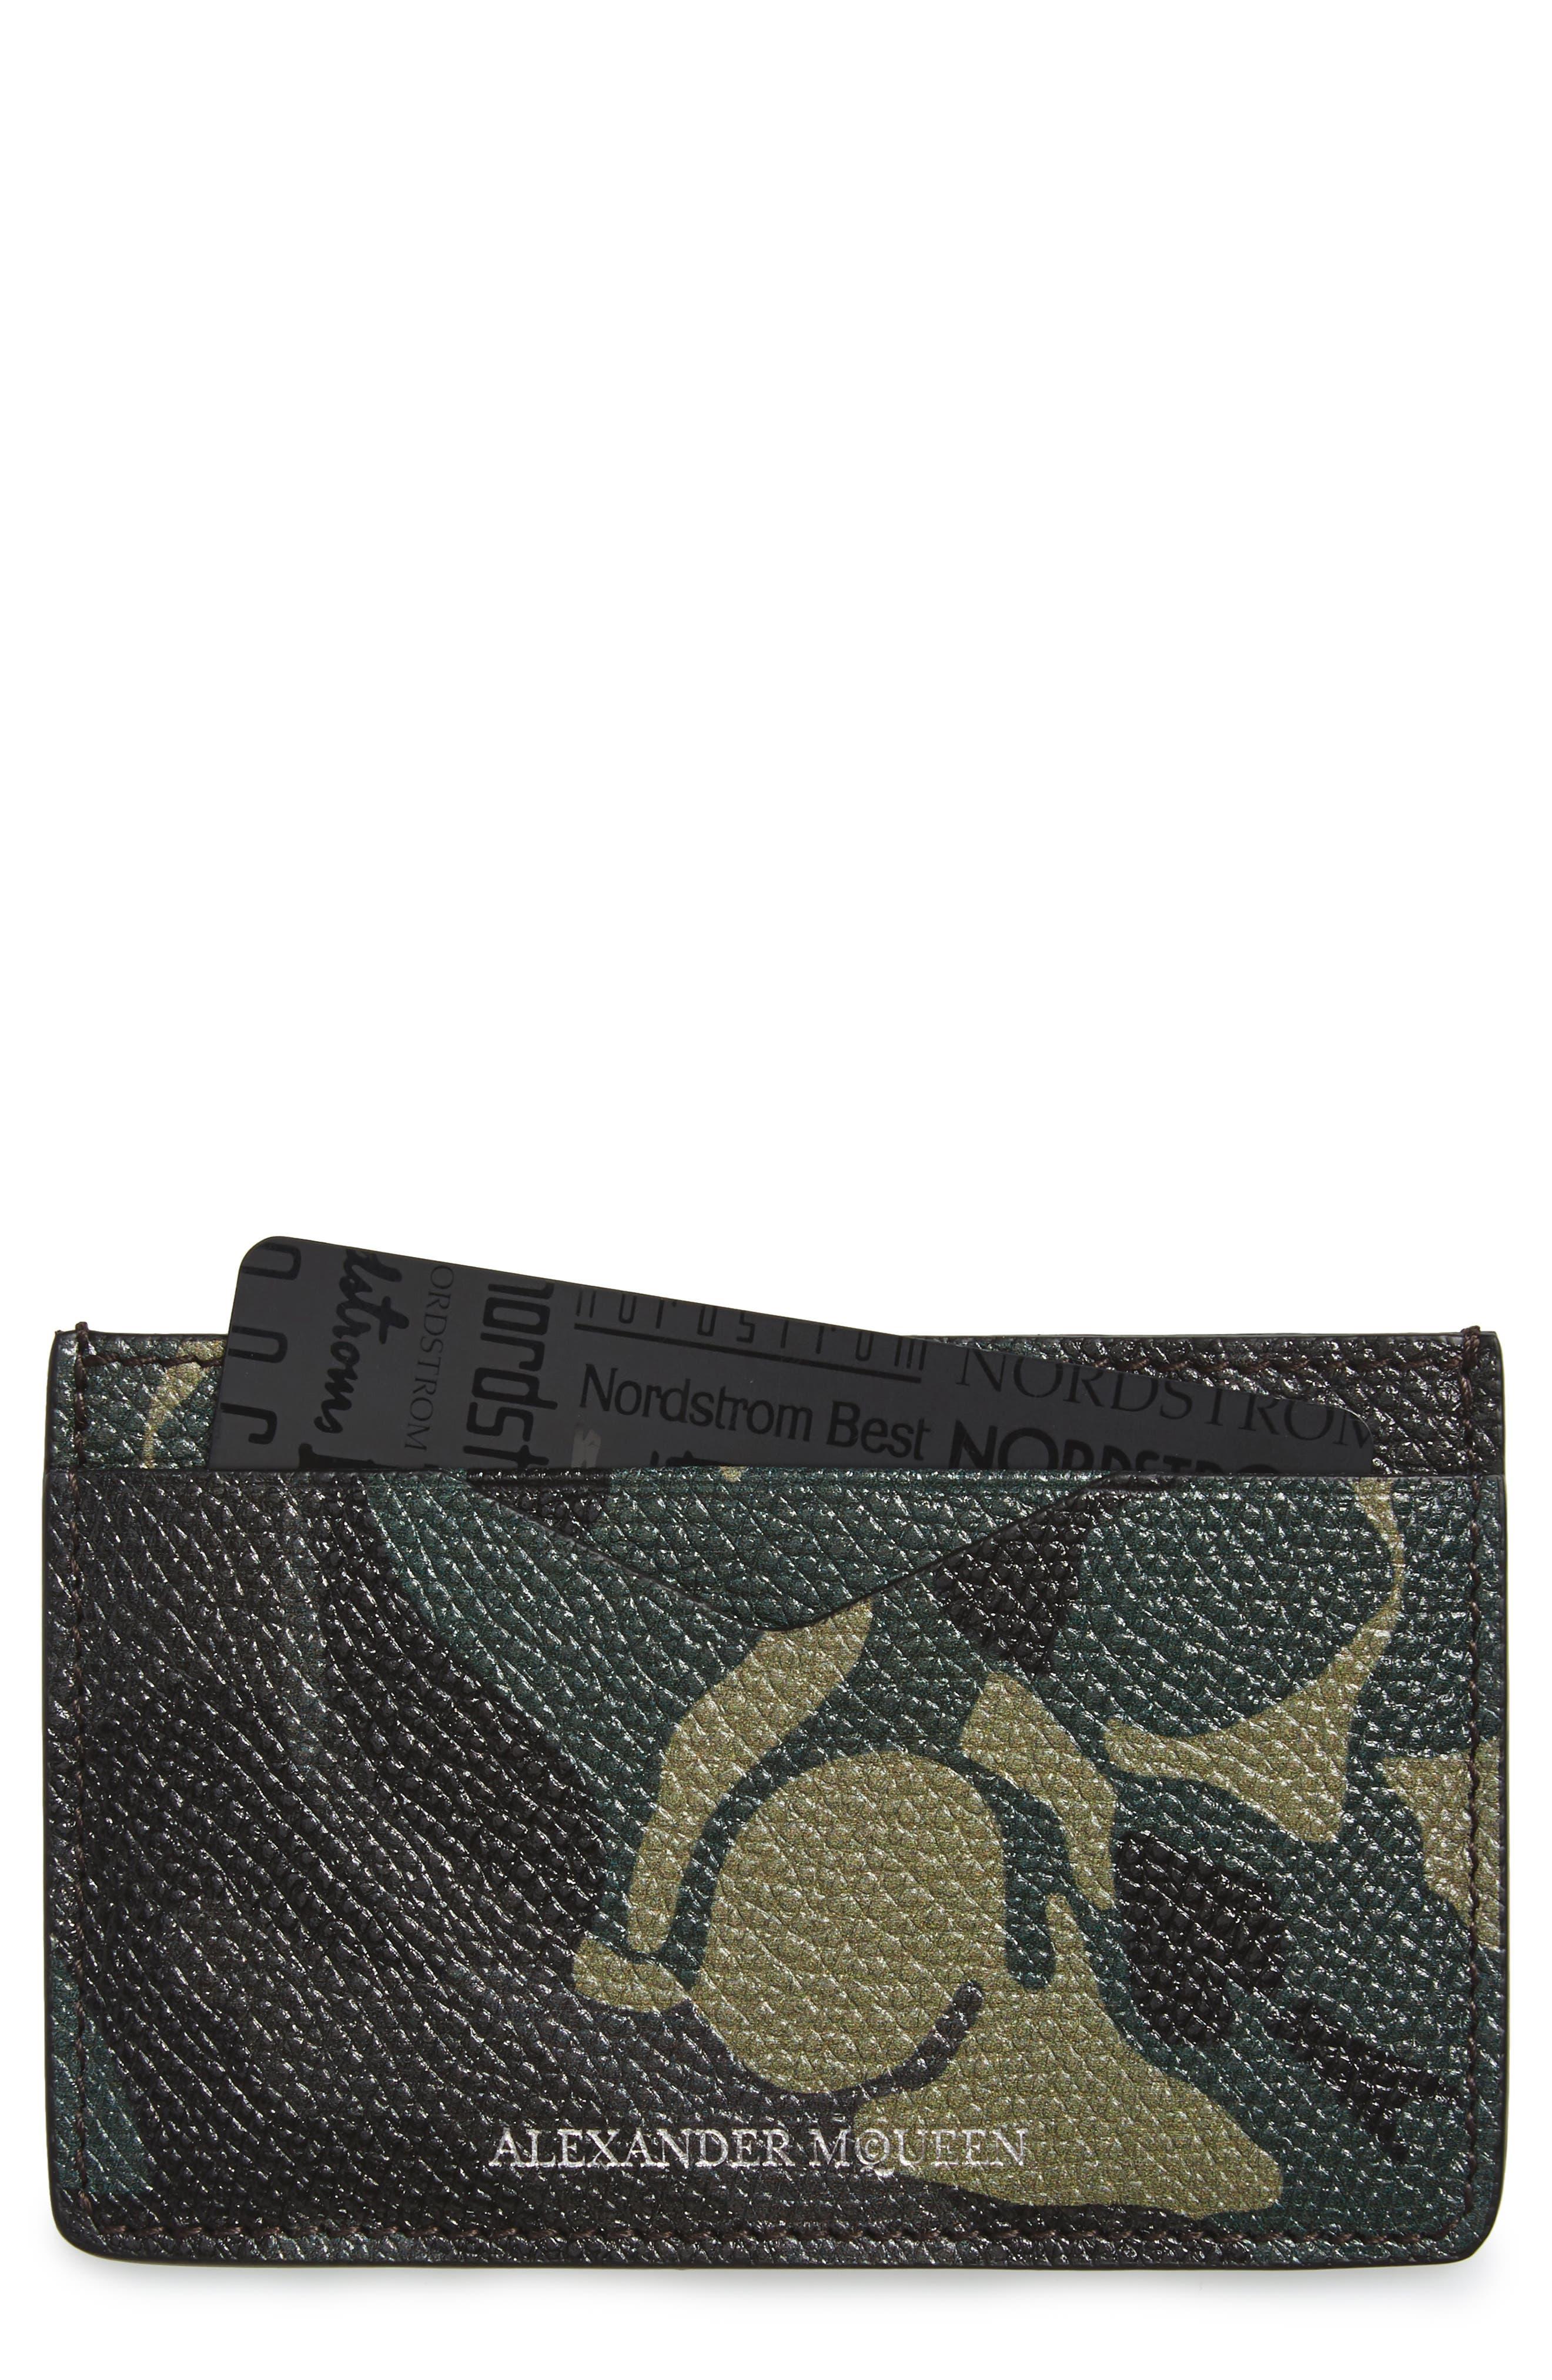 ALEXANDER MCQUEEN Camo Leather Card Case